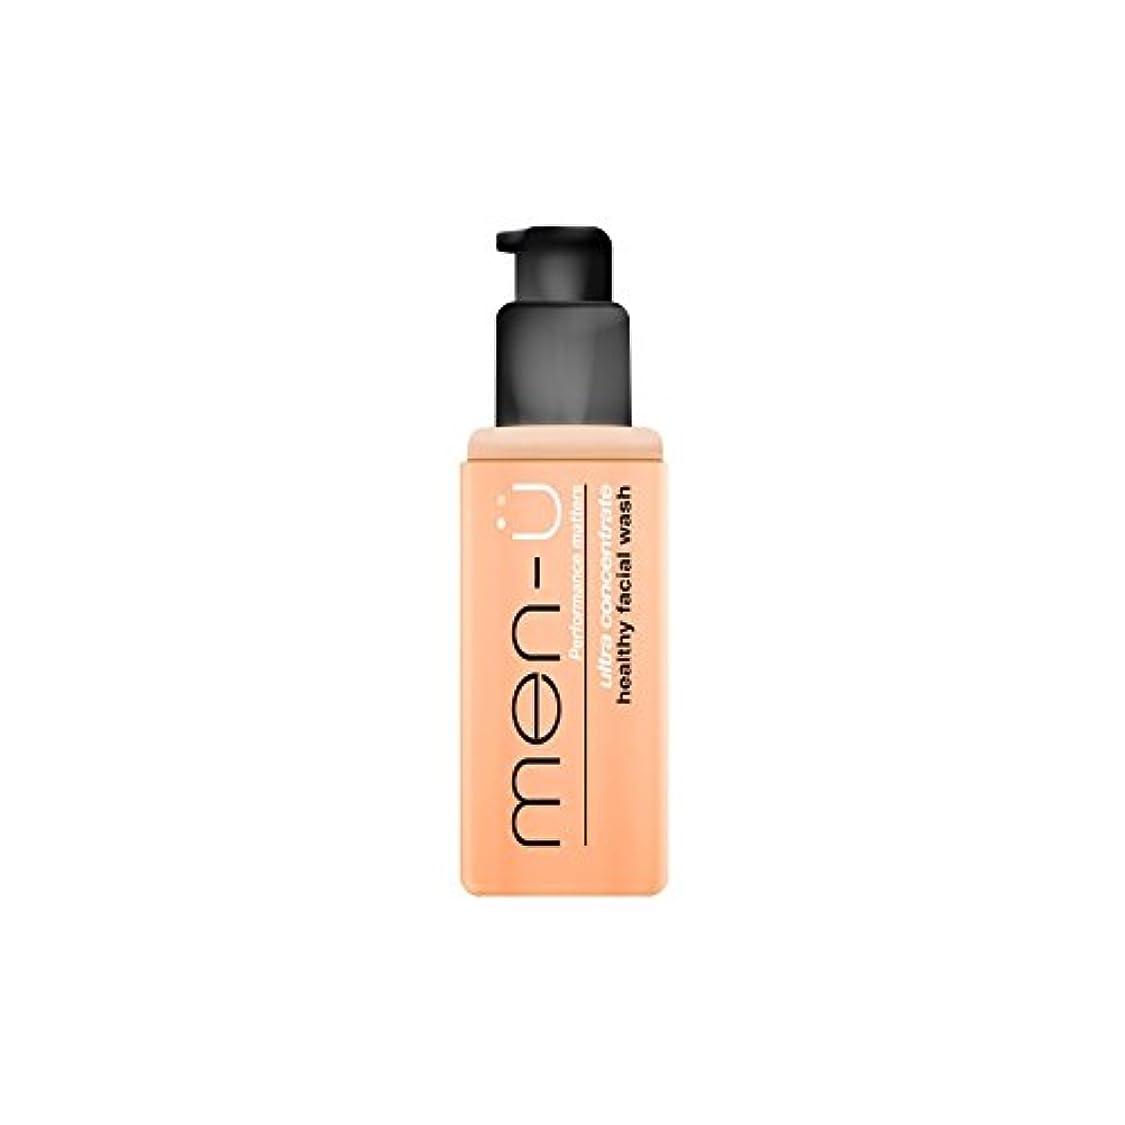 懐疑論最後に壮大なMen-? Healthy Facial Wash (100ml) (Pack of 6) - 男性-?健康洗顔料(100ミリリットル) x6 [並行輸入品]